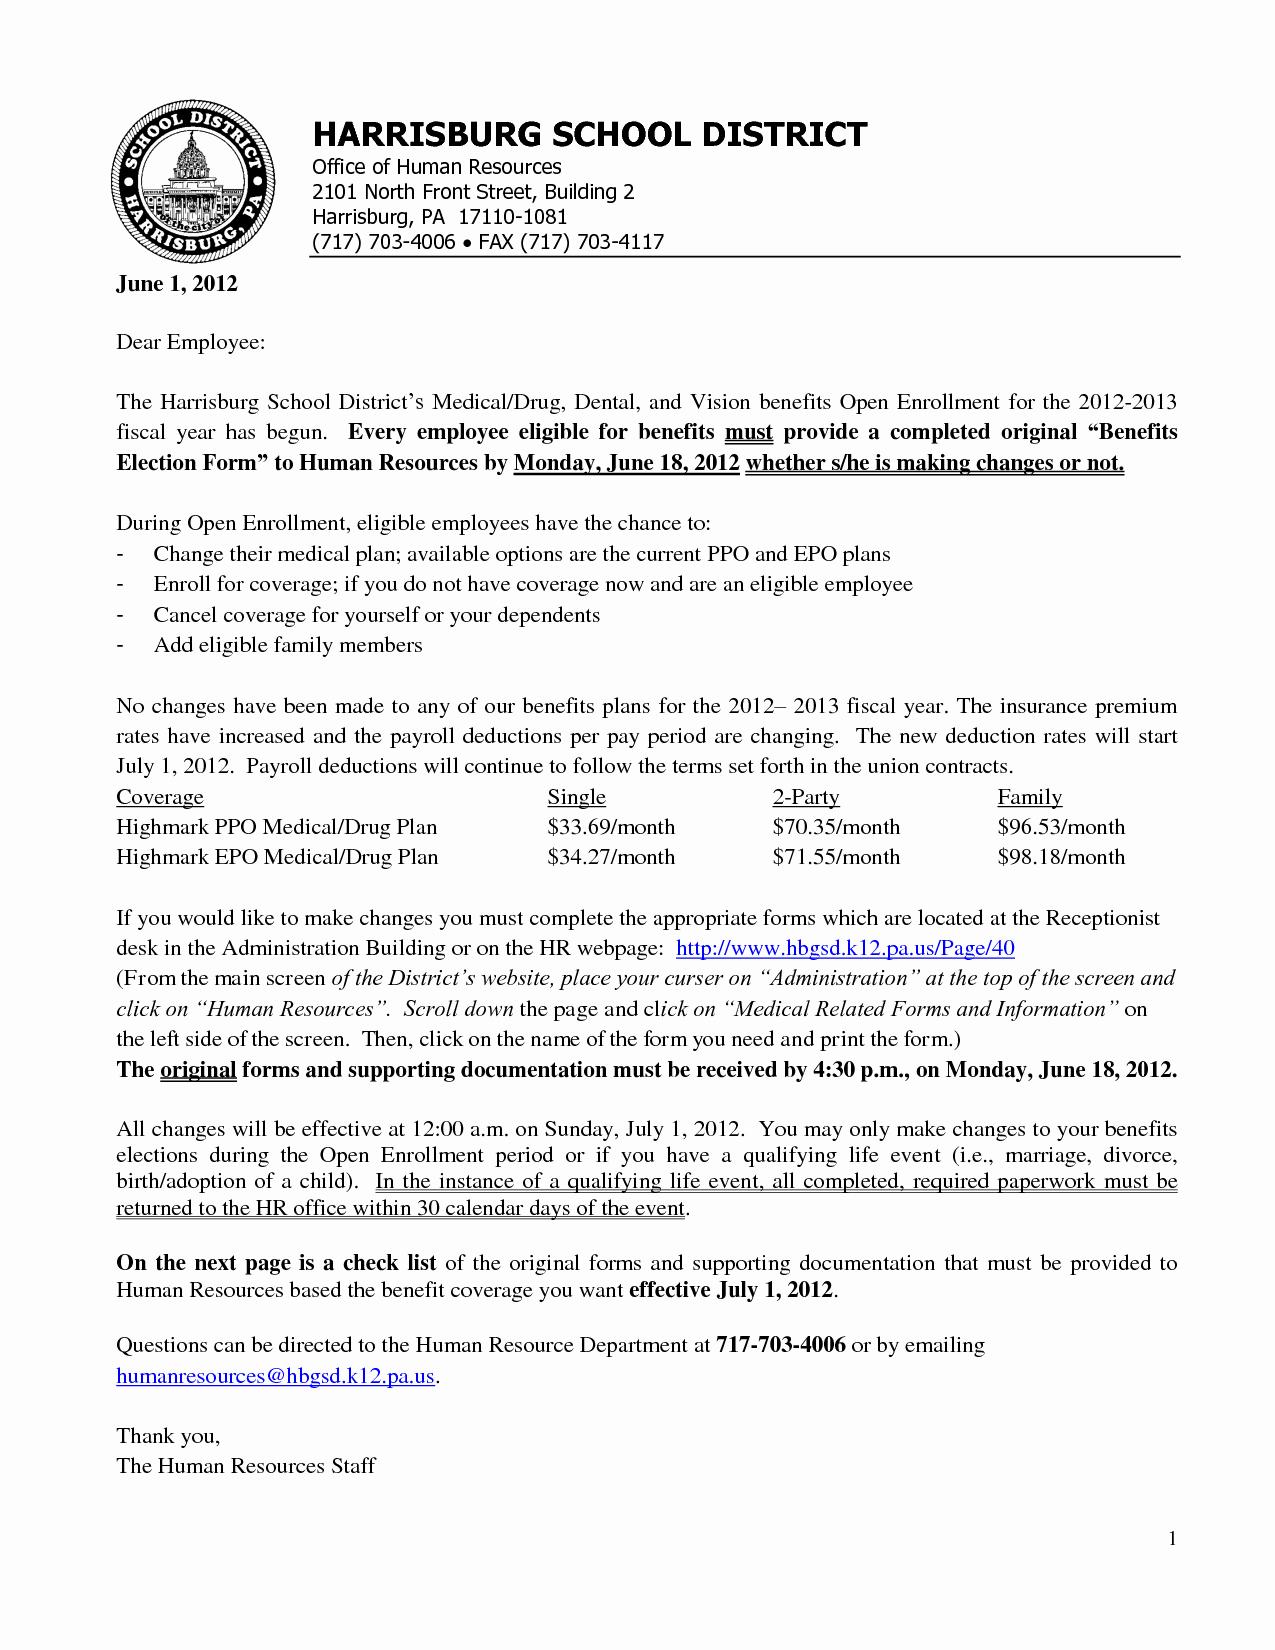 Sample Open Enrollment Letters Best Of 10 Best Of Sample Open Enrollment Notice Cobra